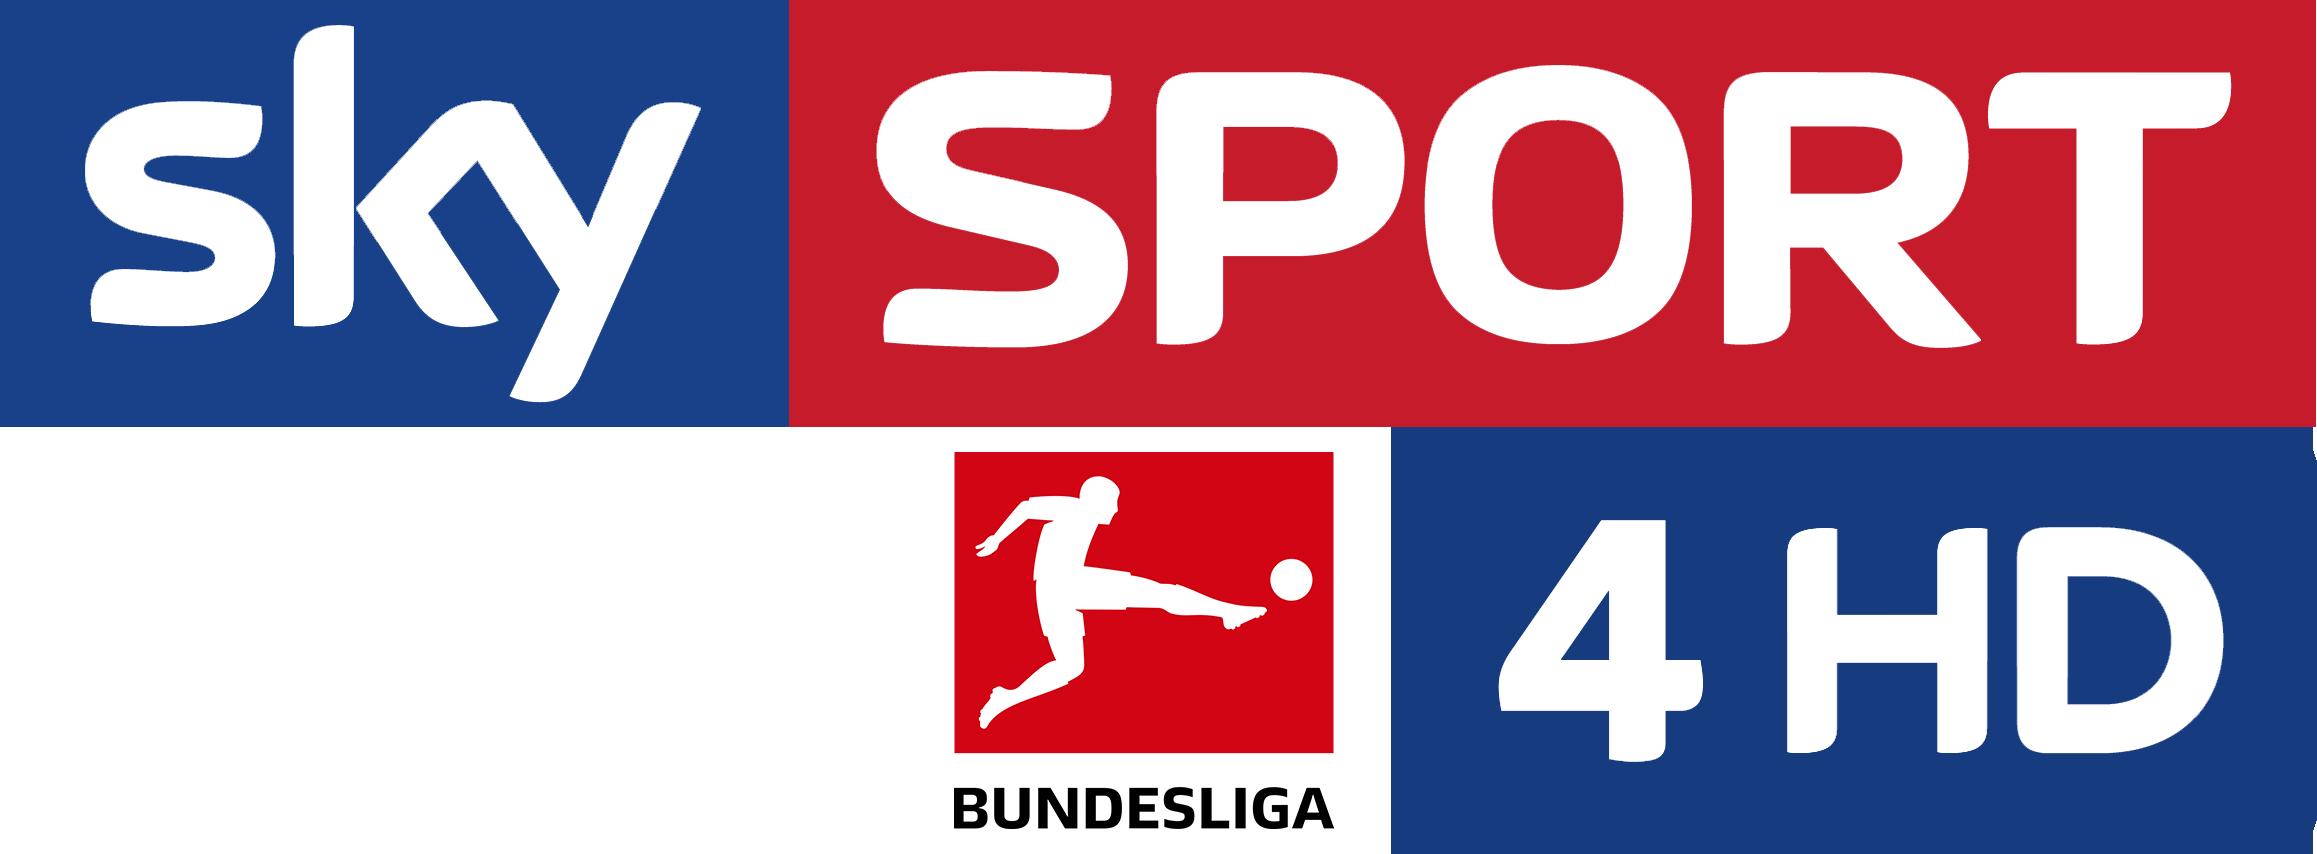 Sky Sport Bundesliga 4